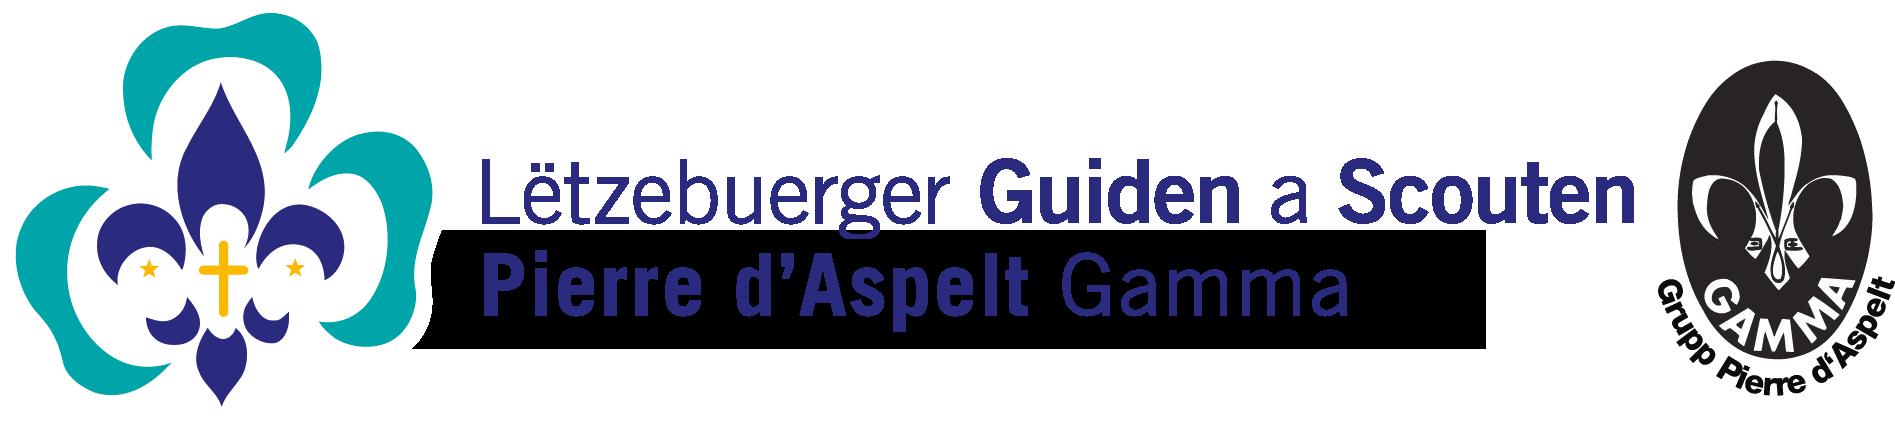 LGS - Pierre d'Aspelt Gamma